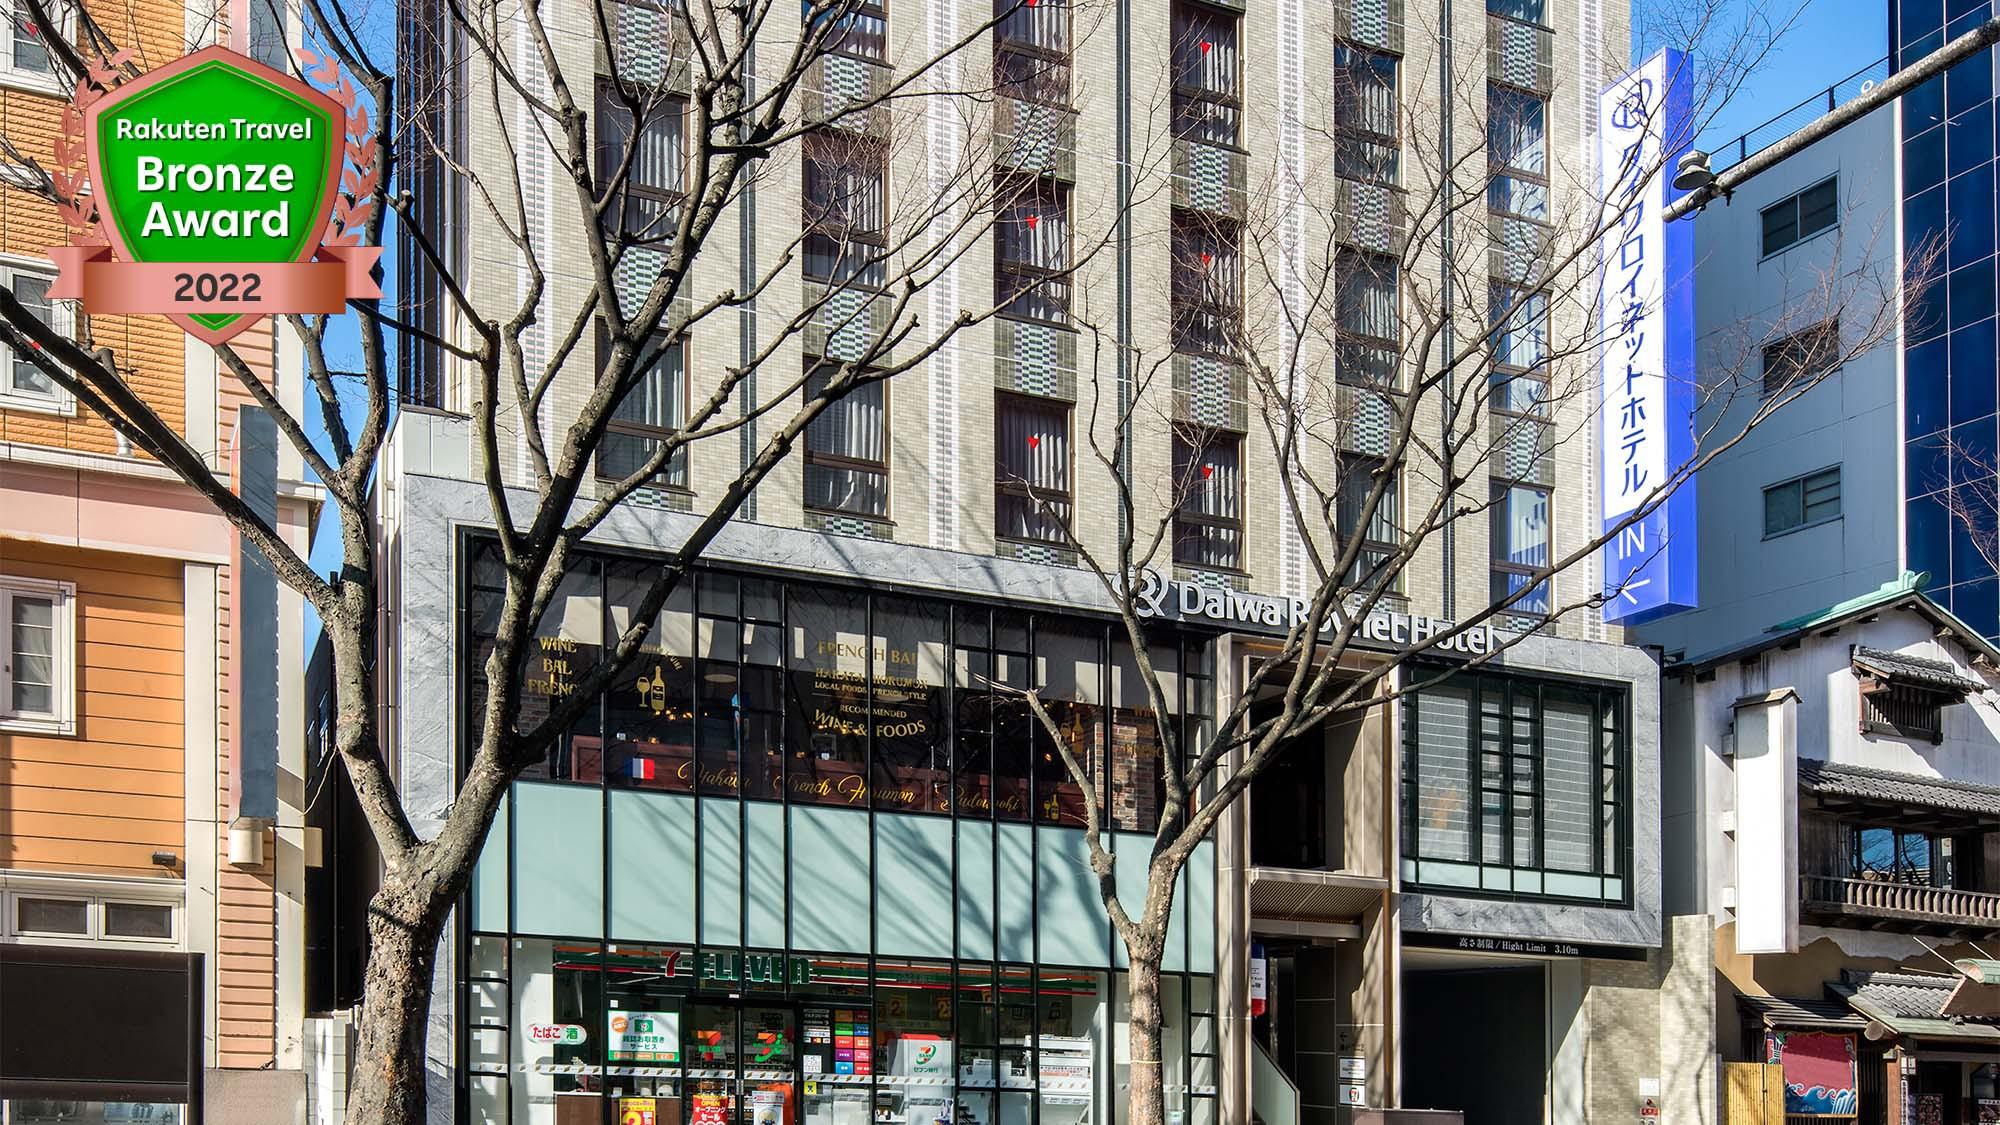 ダイワロイネットホテル福岡西中洲 image